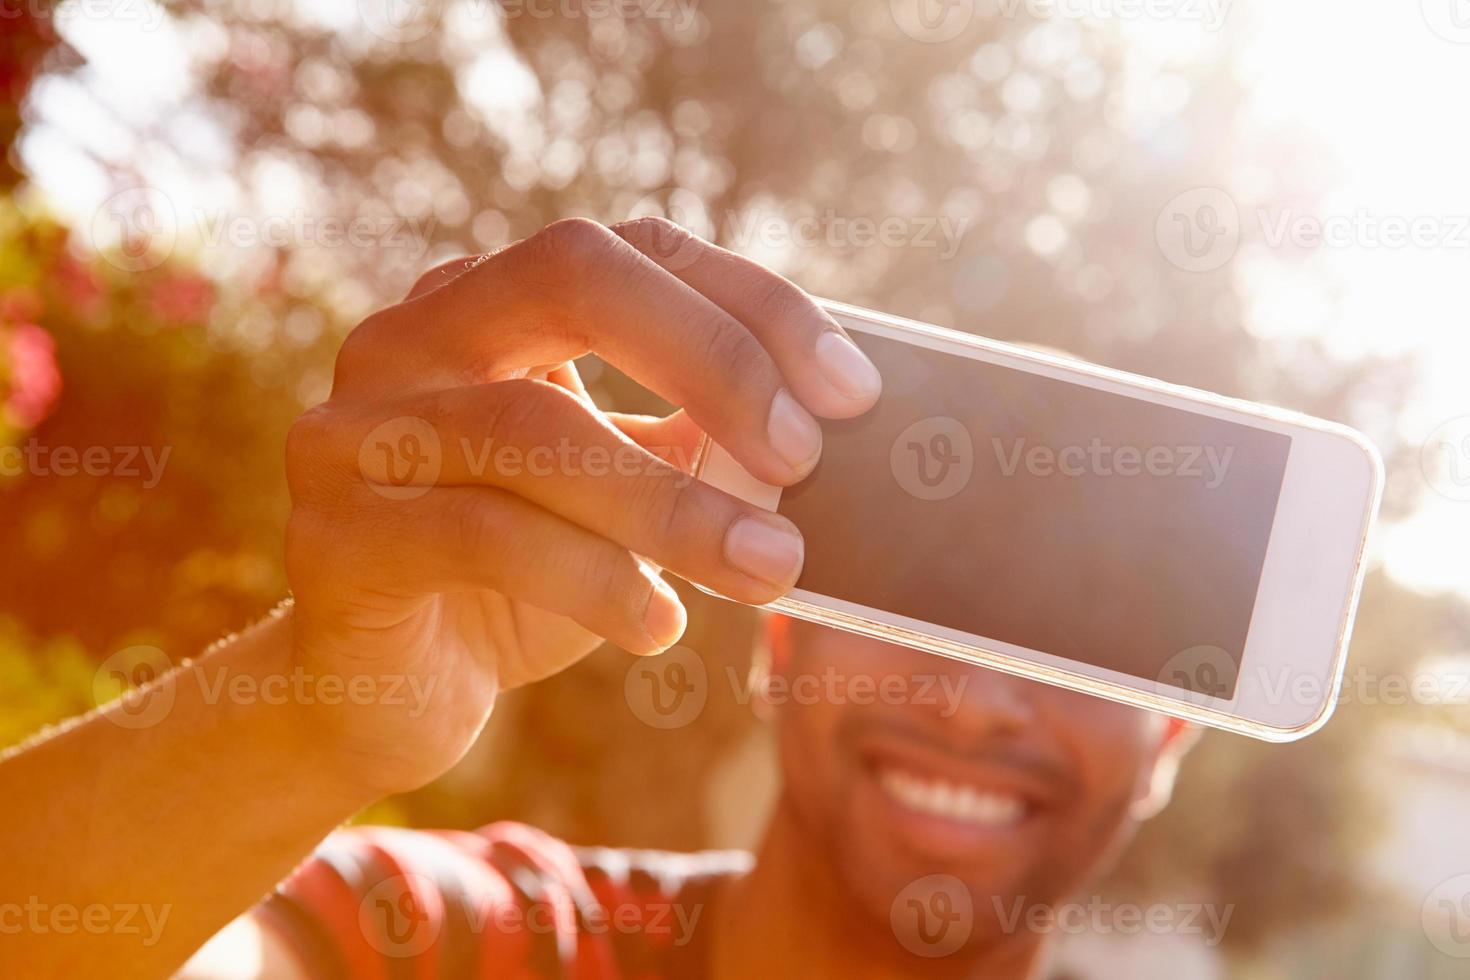 homme en vacances prenant selfie avec téléphone portable photo